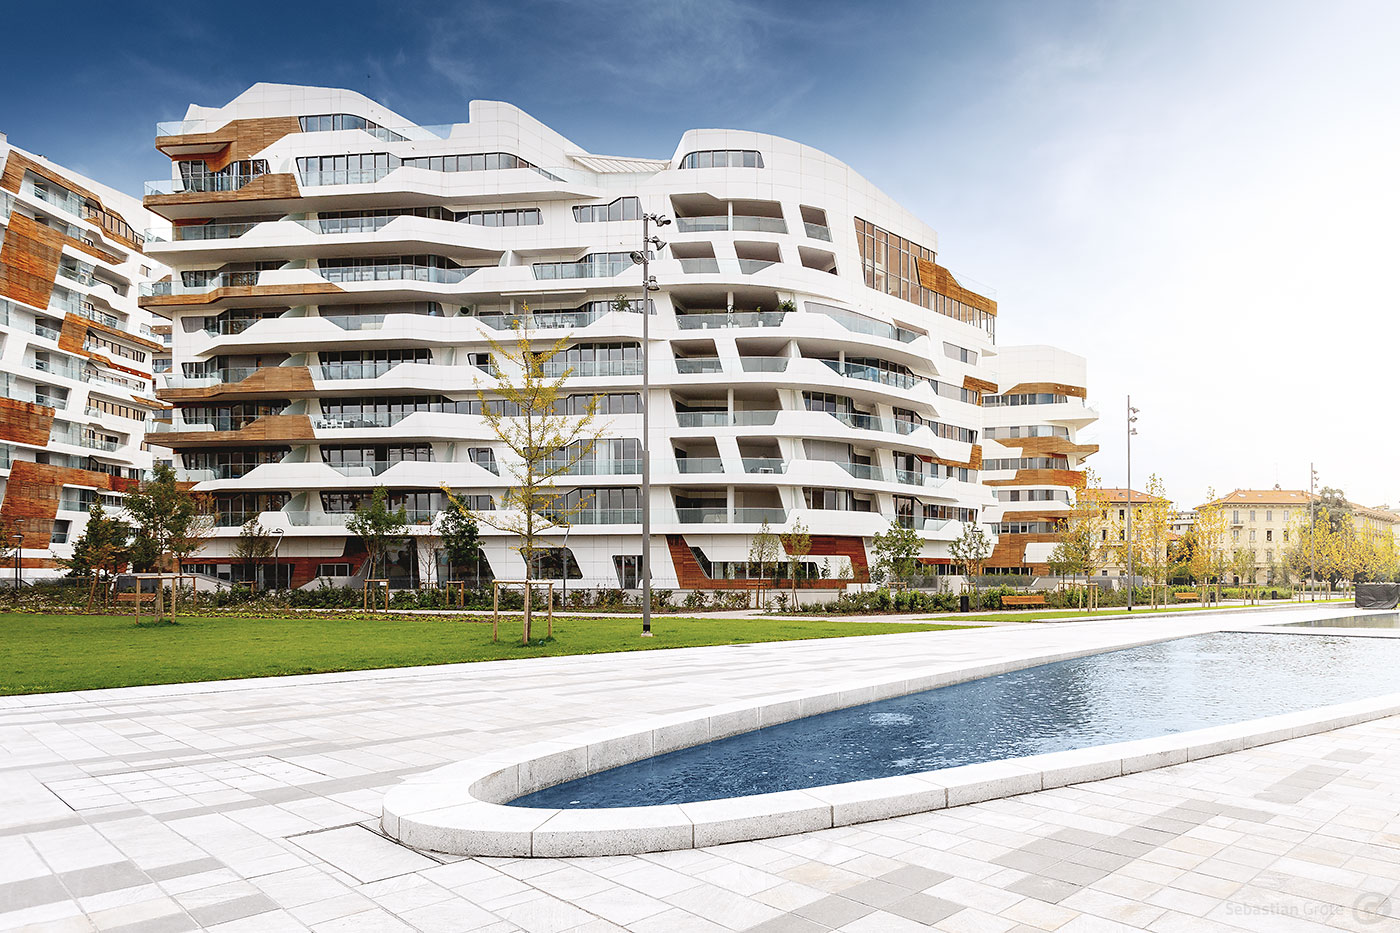 Mailand 13 CityLife von Zaha Hadid, Arata Isozaki und Daniel Libeskind